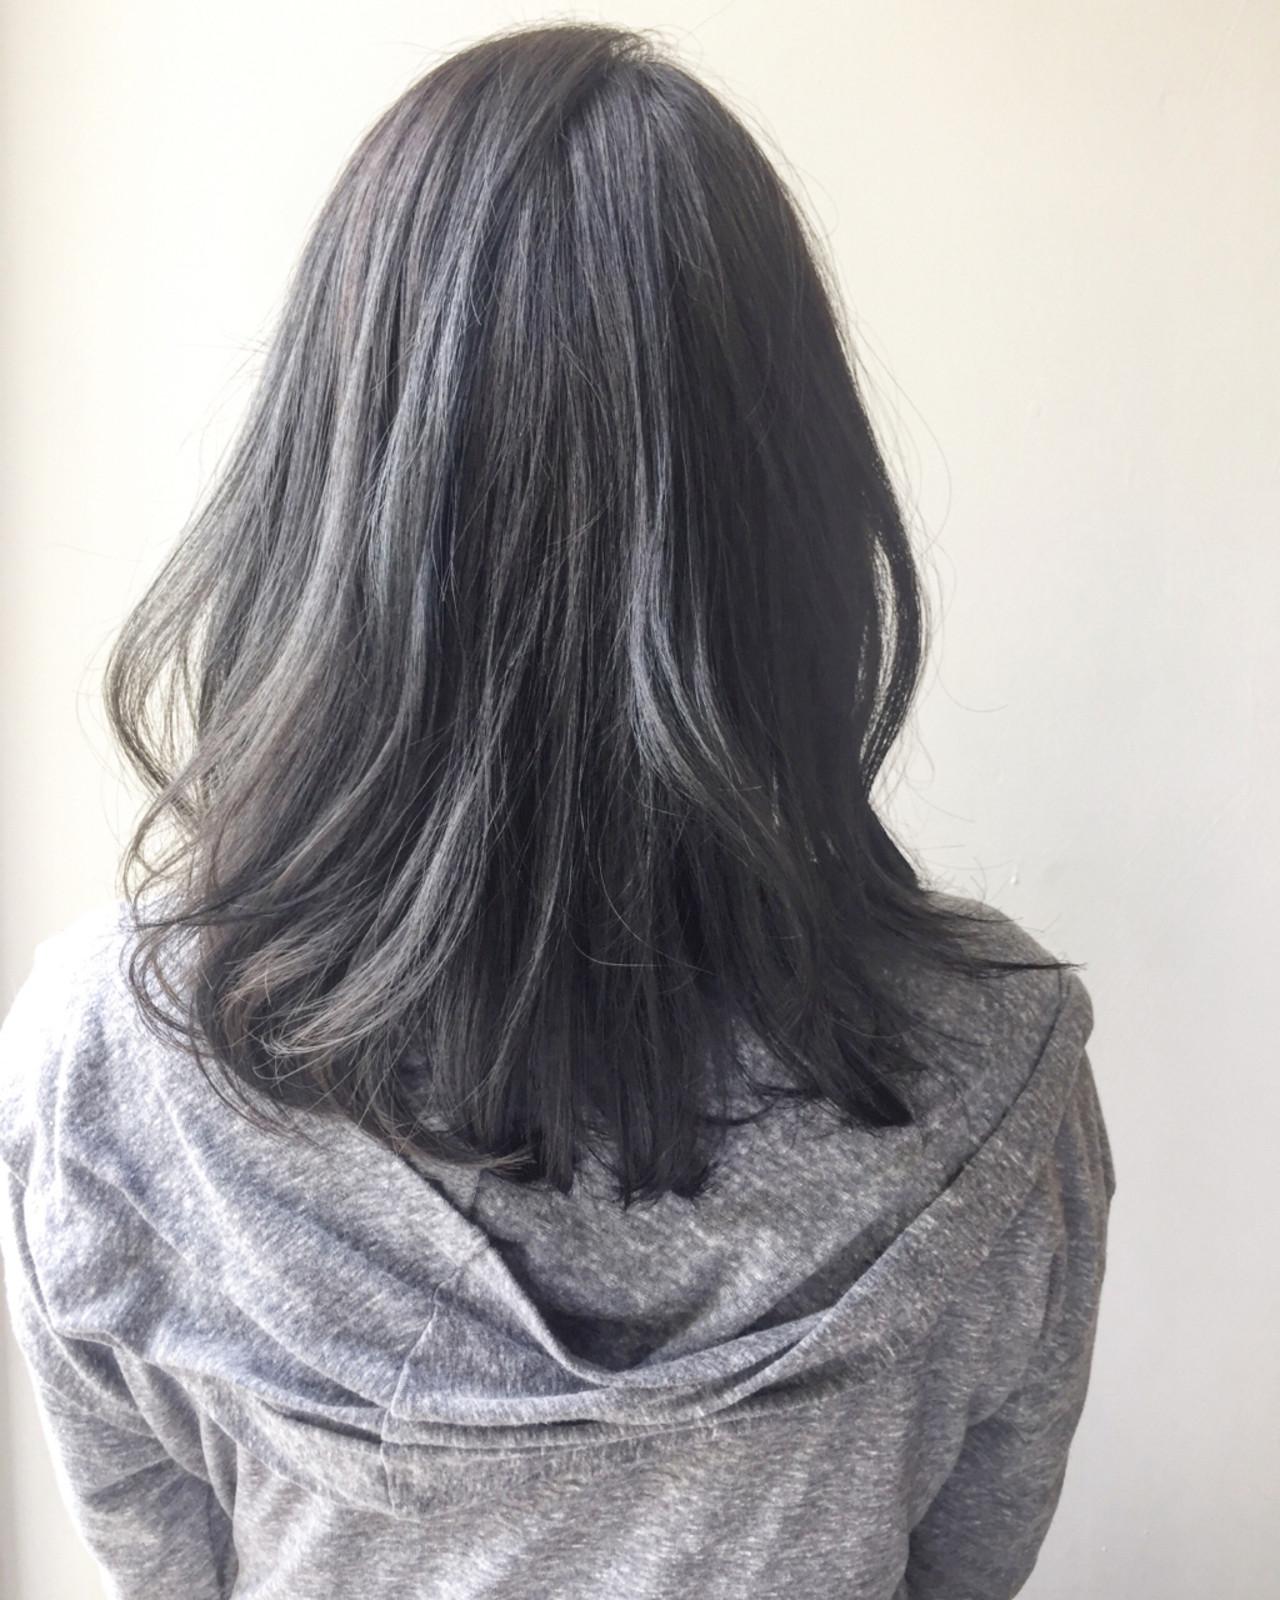 ミディアム グレージュ アッシュグレージュ ストリートヘアスタイルや髪型の写真・画像